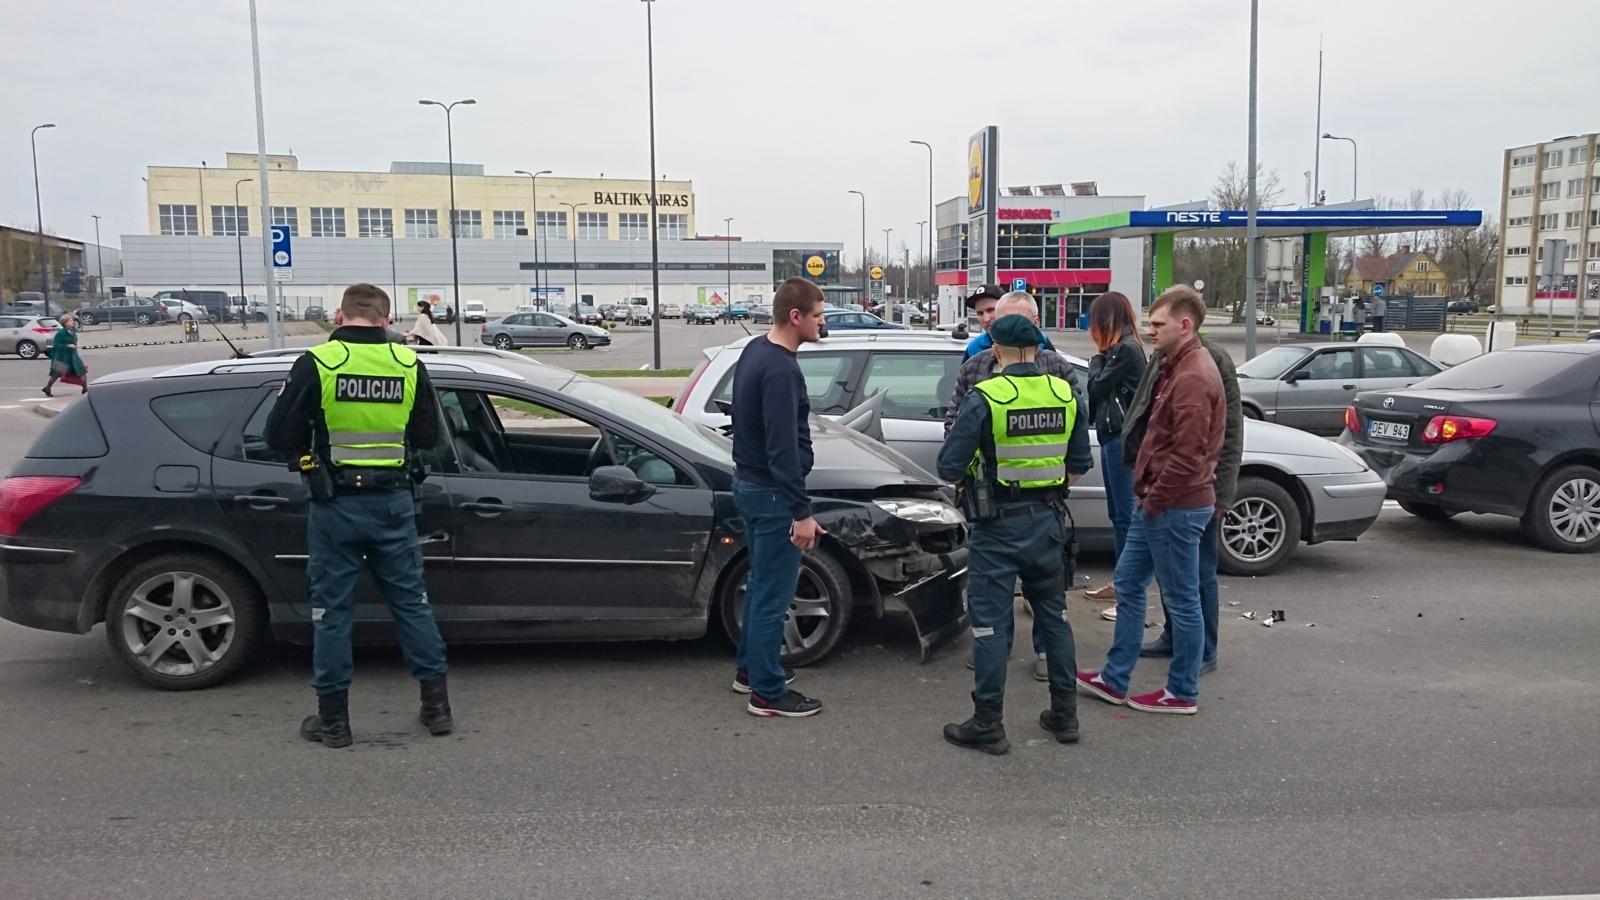 Eismo įvykyje - keturi apgadinti automobiliai (papildyta vaizdo medžiaga)